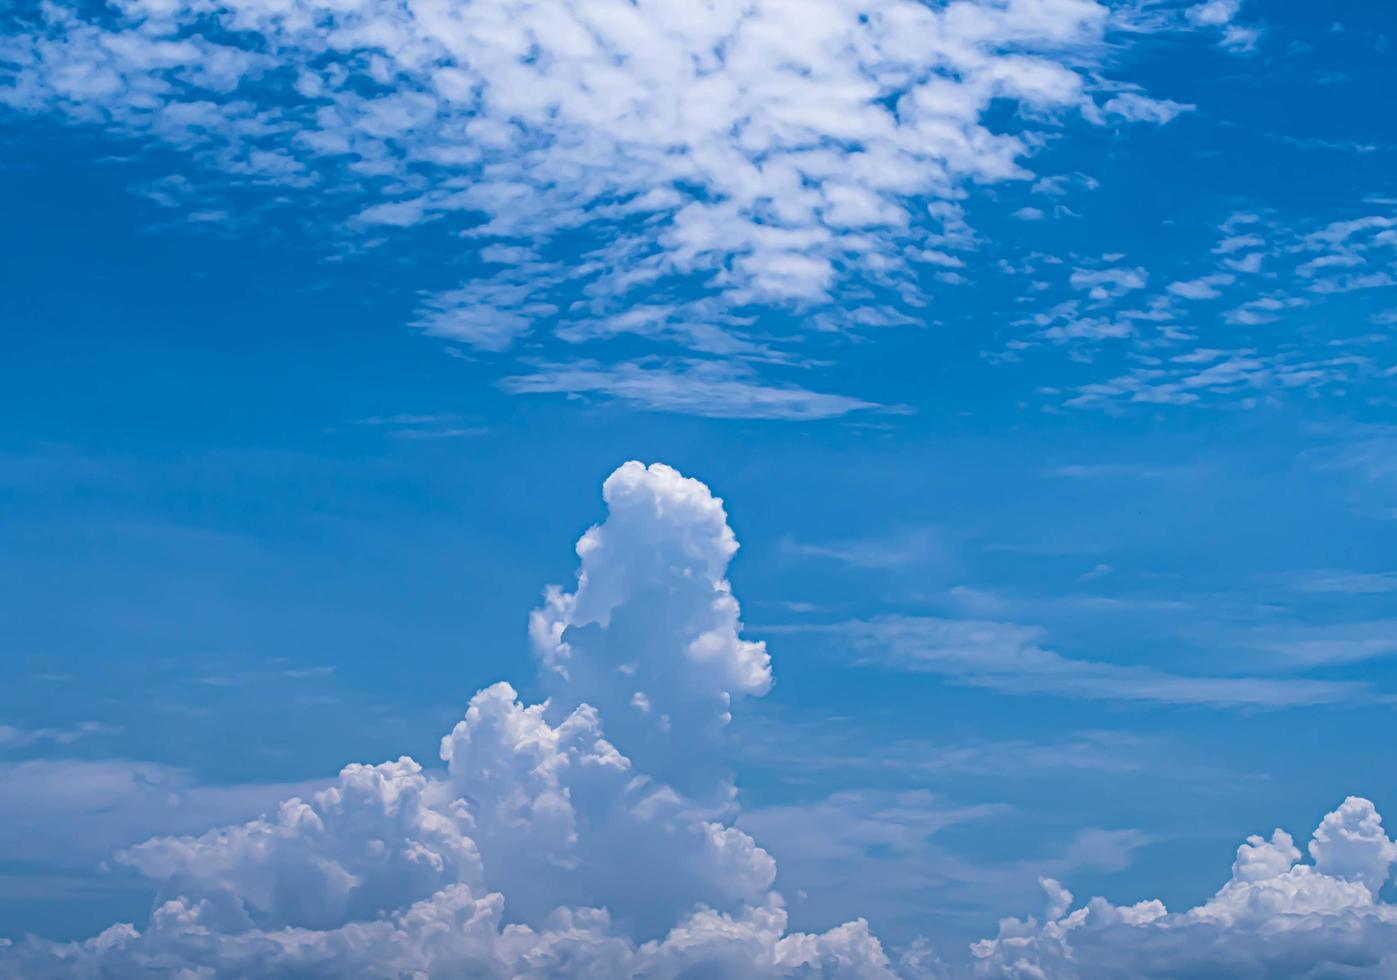 blauer Himmel weiße Wolken Himmel weiße Wolken foto